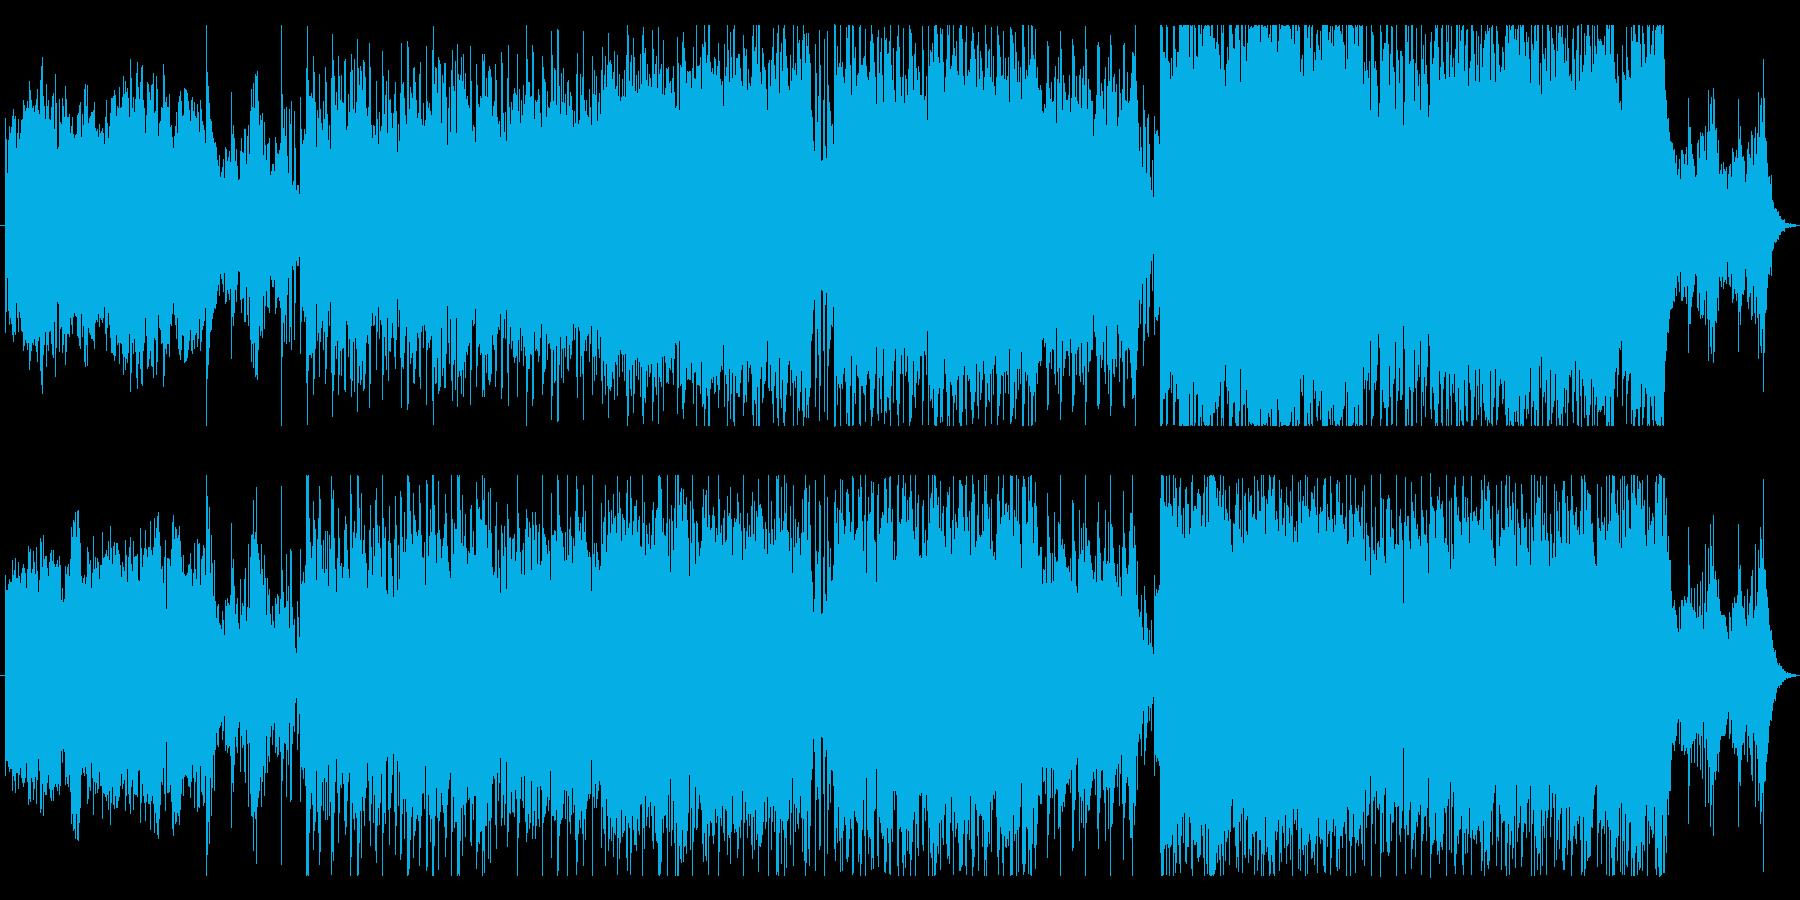 特撮ロボット映画風テーマ曲の再生済みの波形